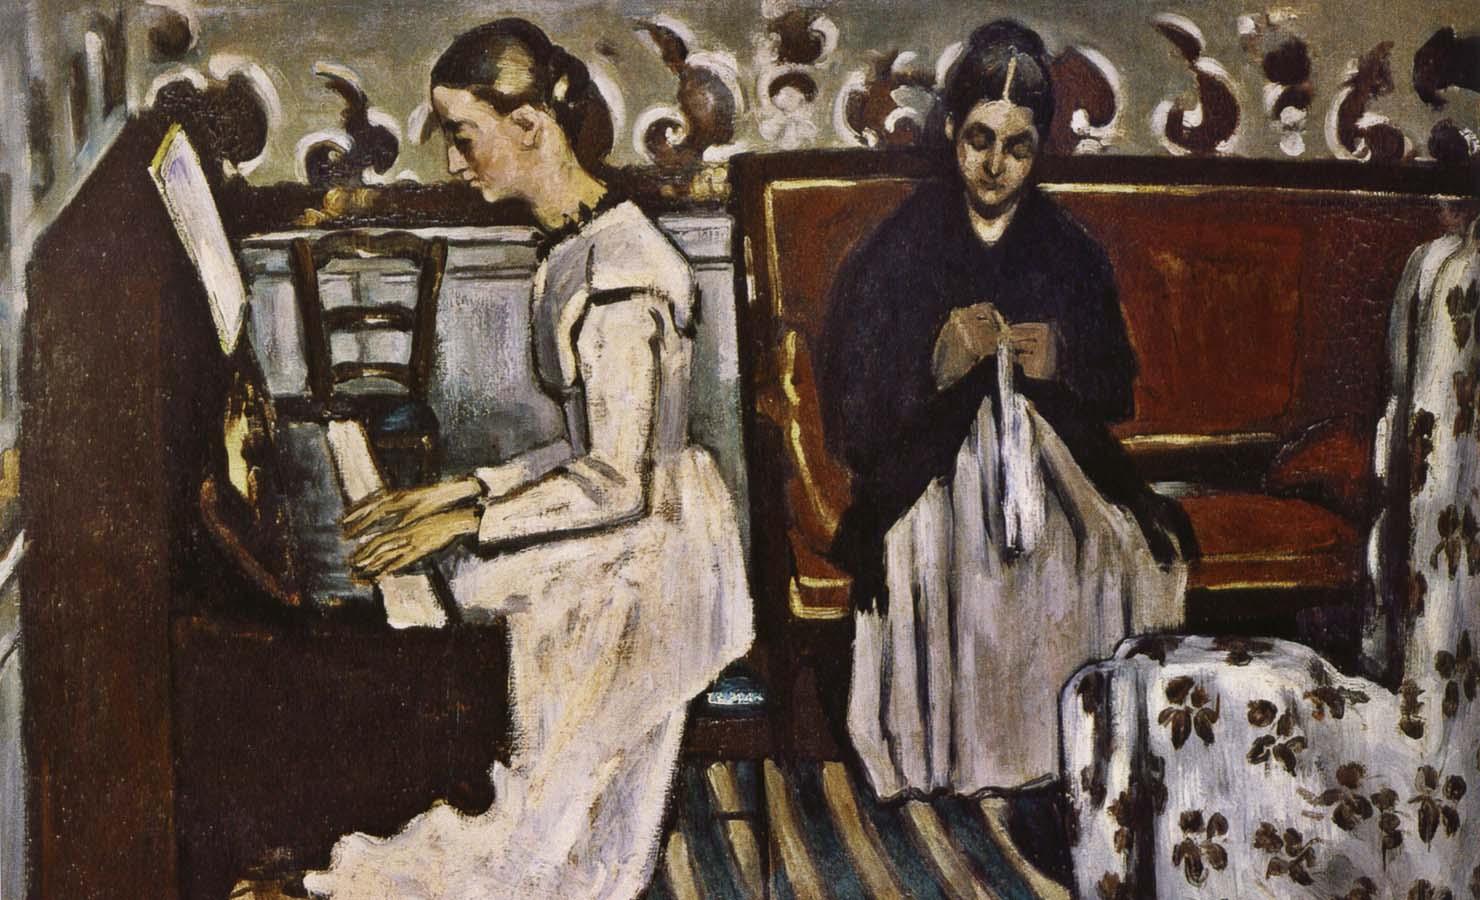 Поль Сезанн Девушка у пианино (Увертюра к «Тангейзеру»). 1868